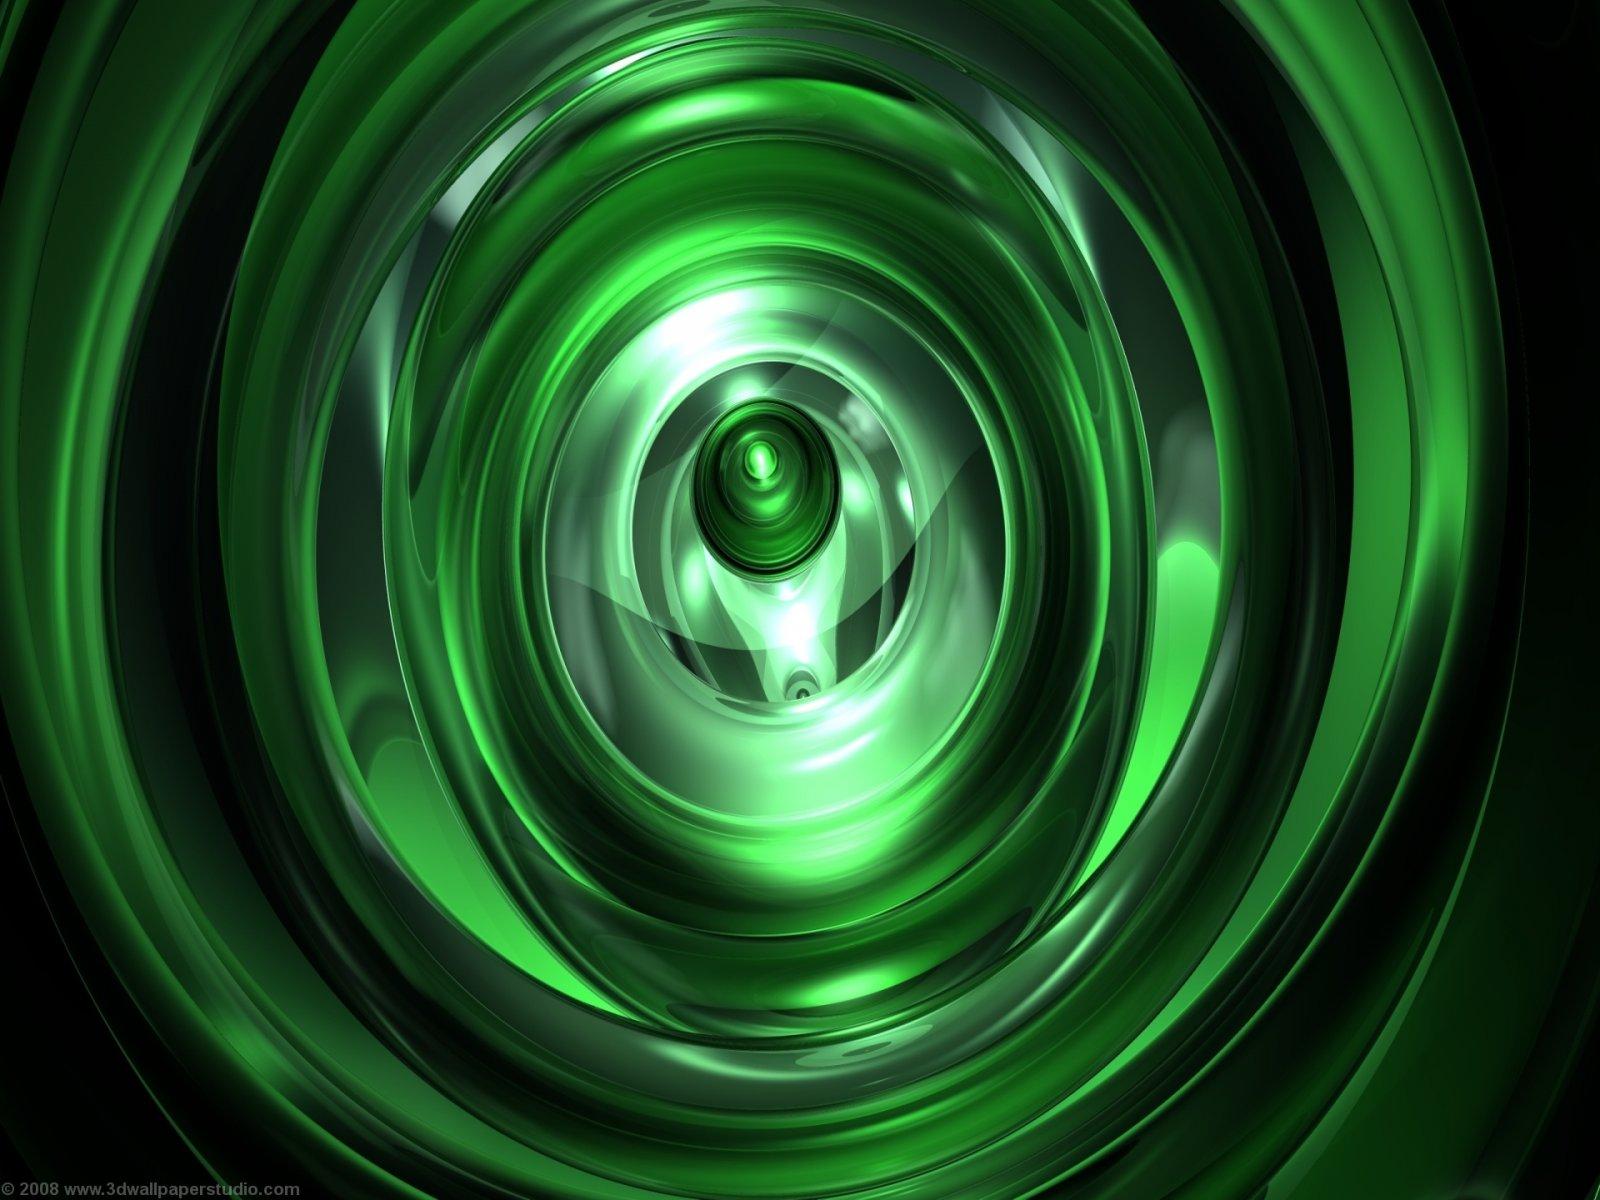 3D Wallpaper Green vortex 1600 x 1200 1600x1200